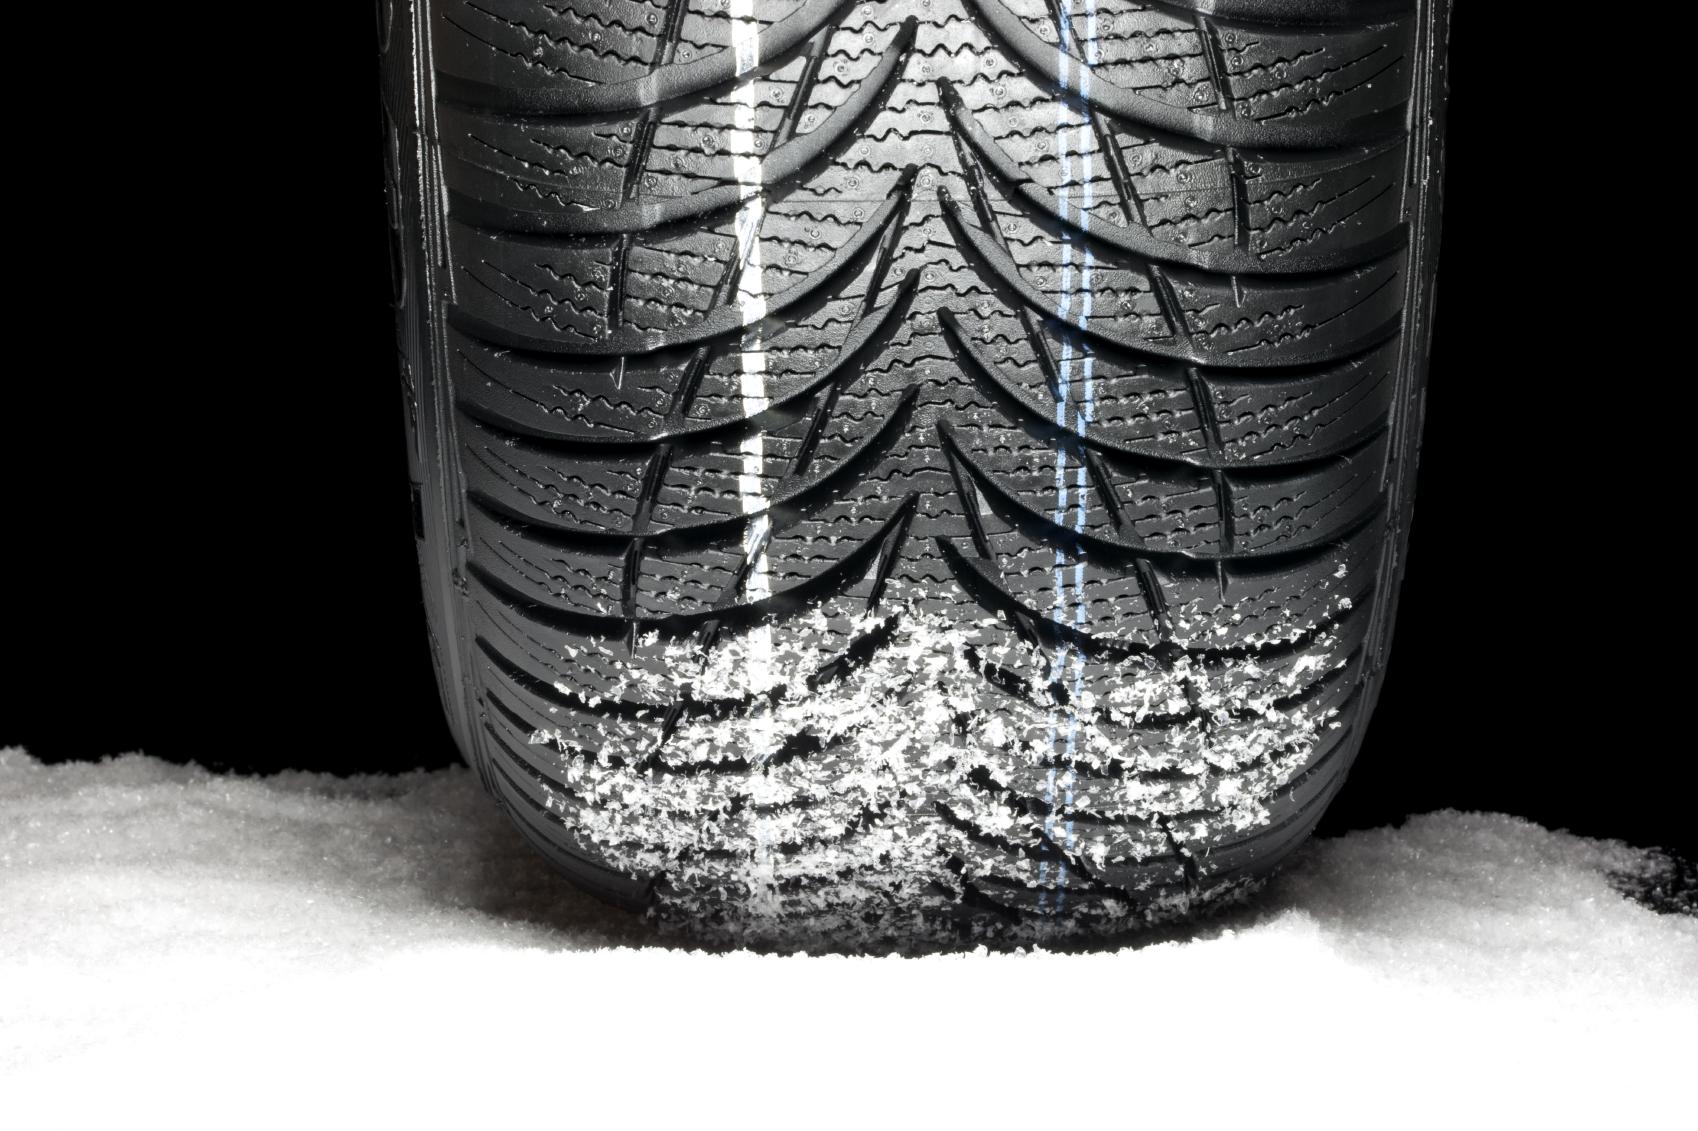 pneumatici-invernali-vicenza